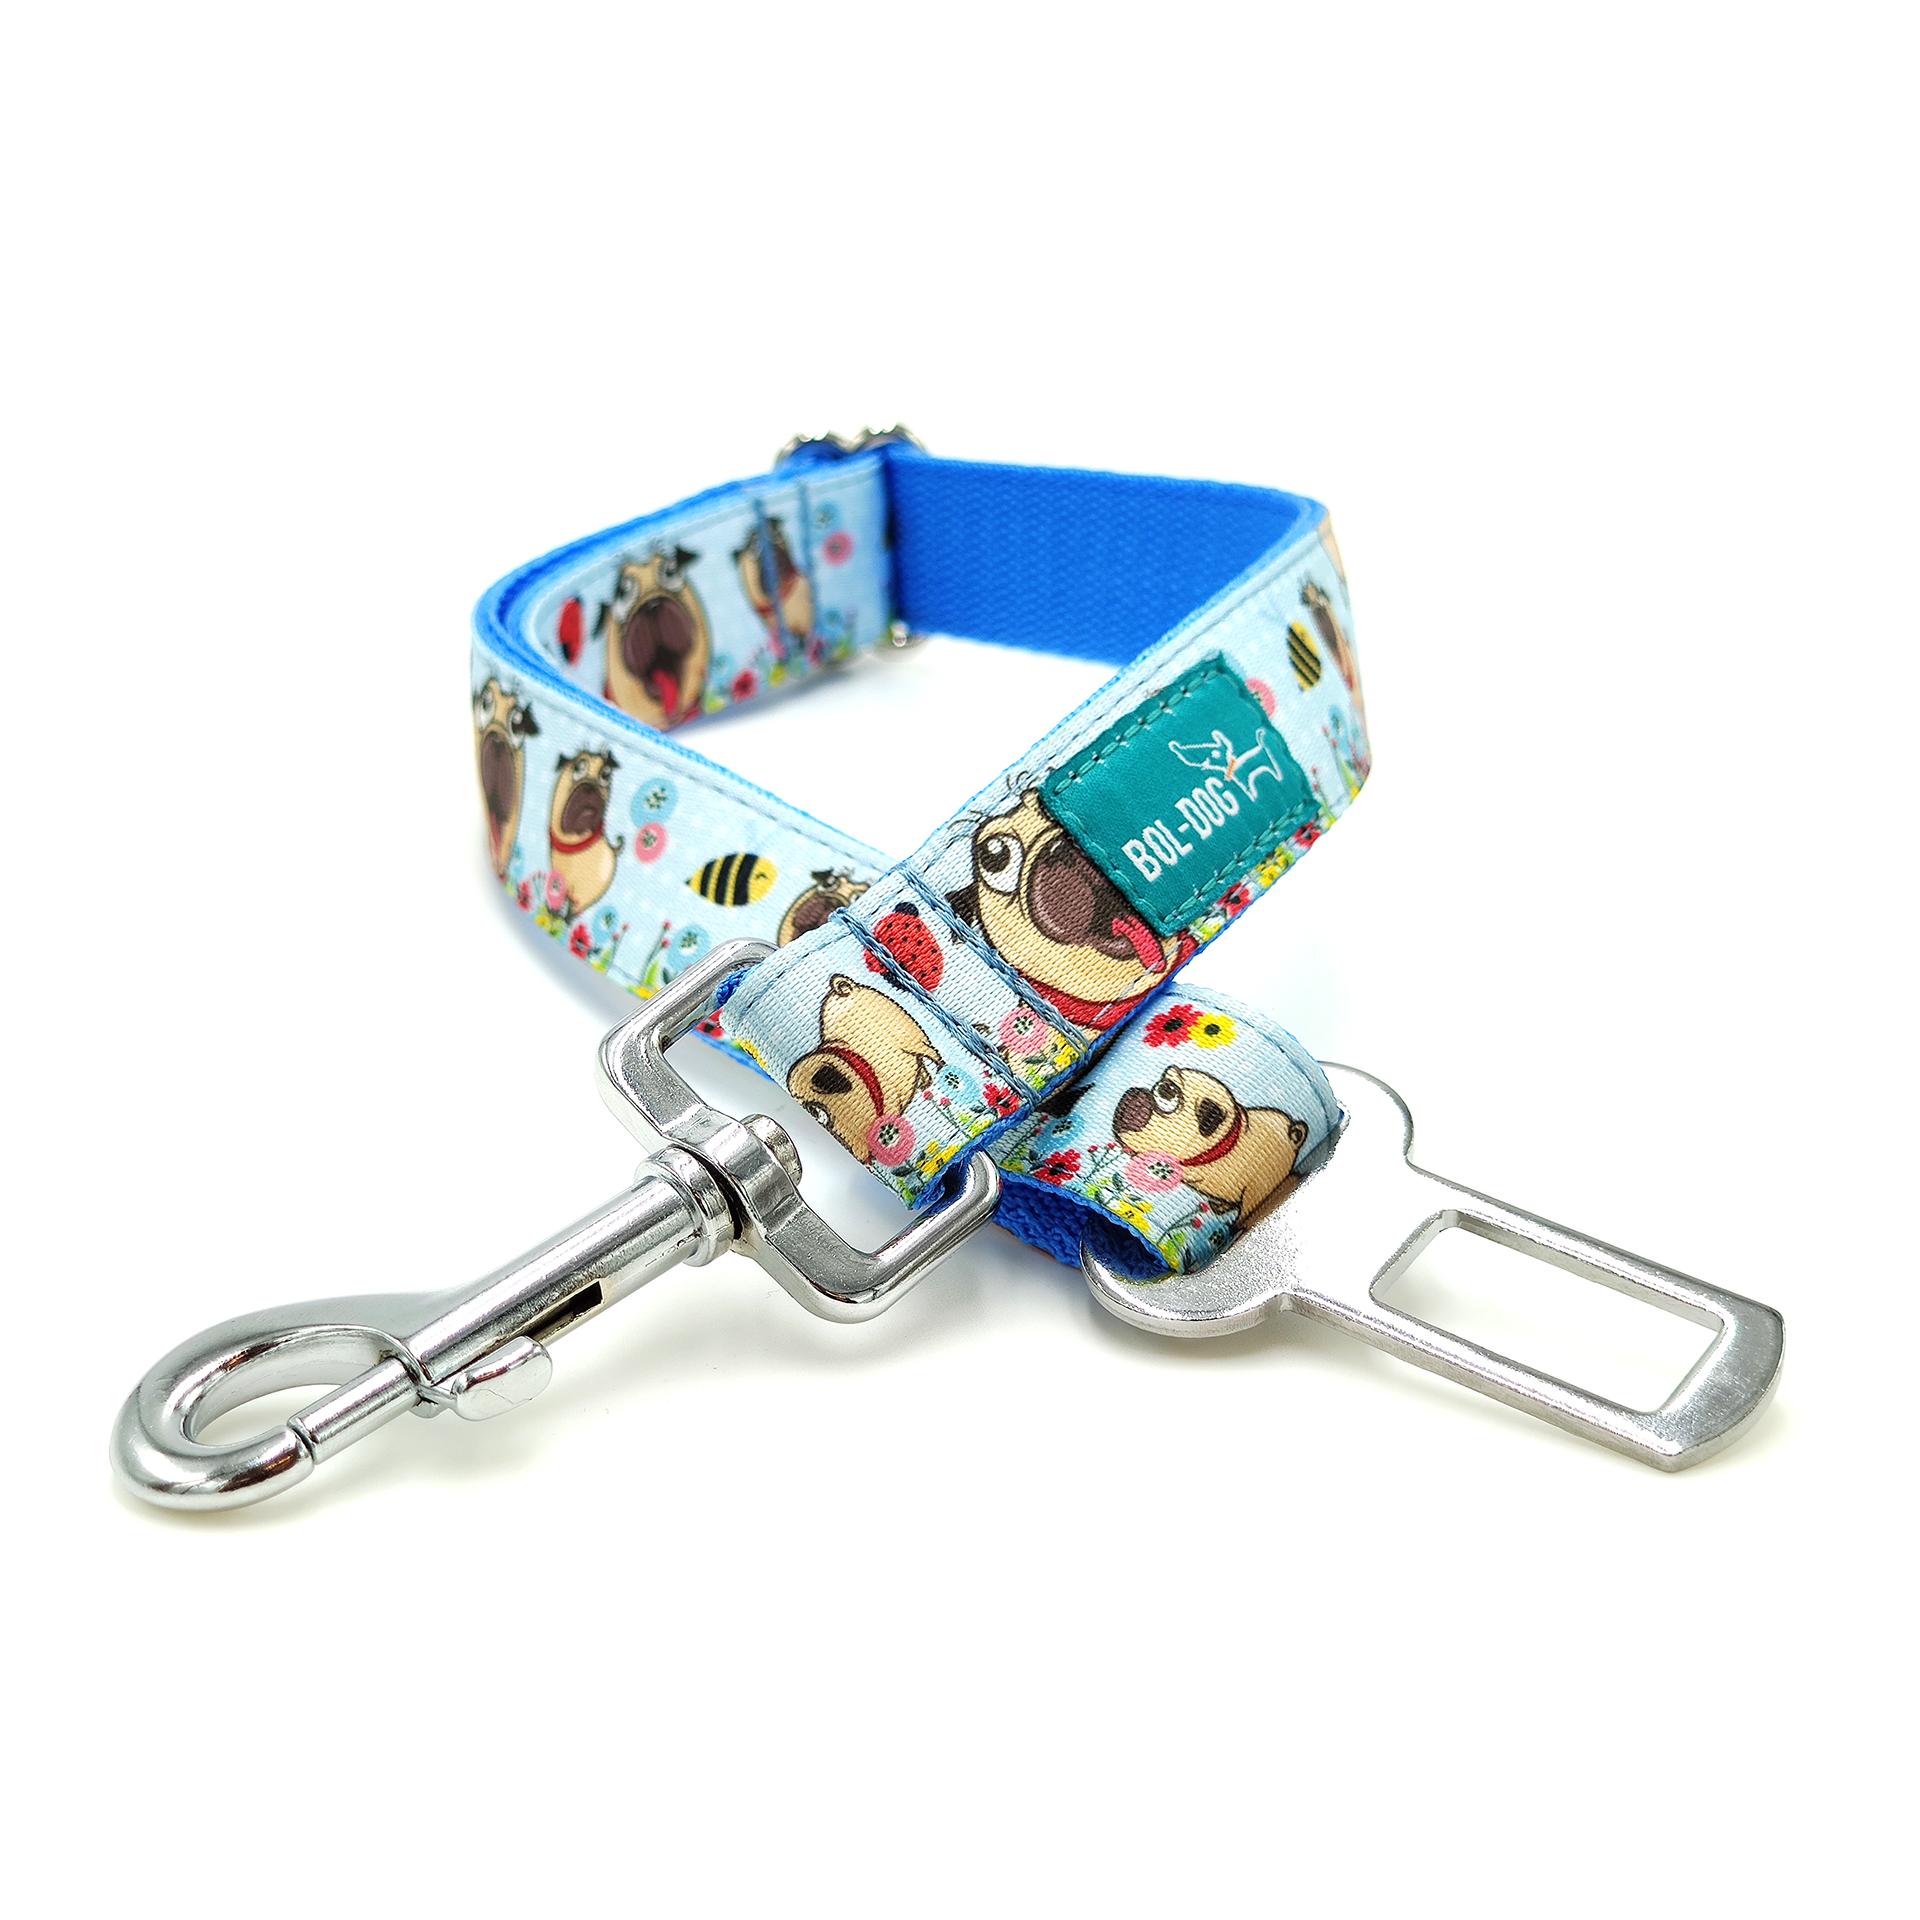 Pug safety belt